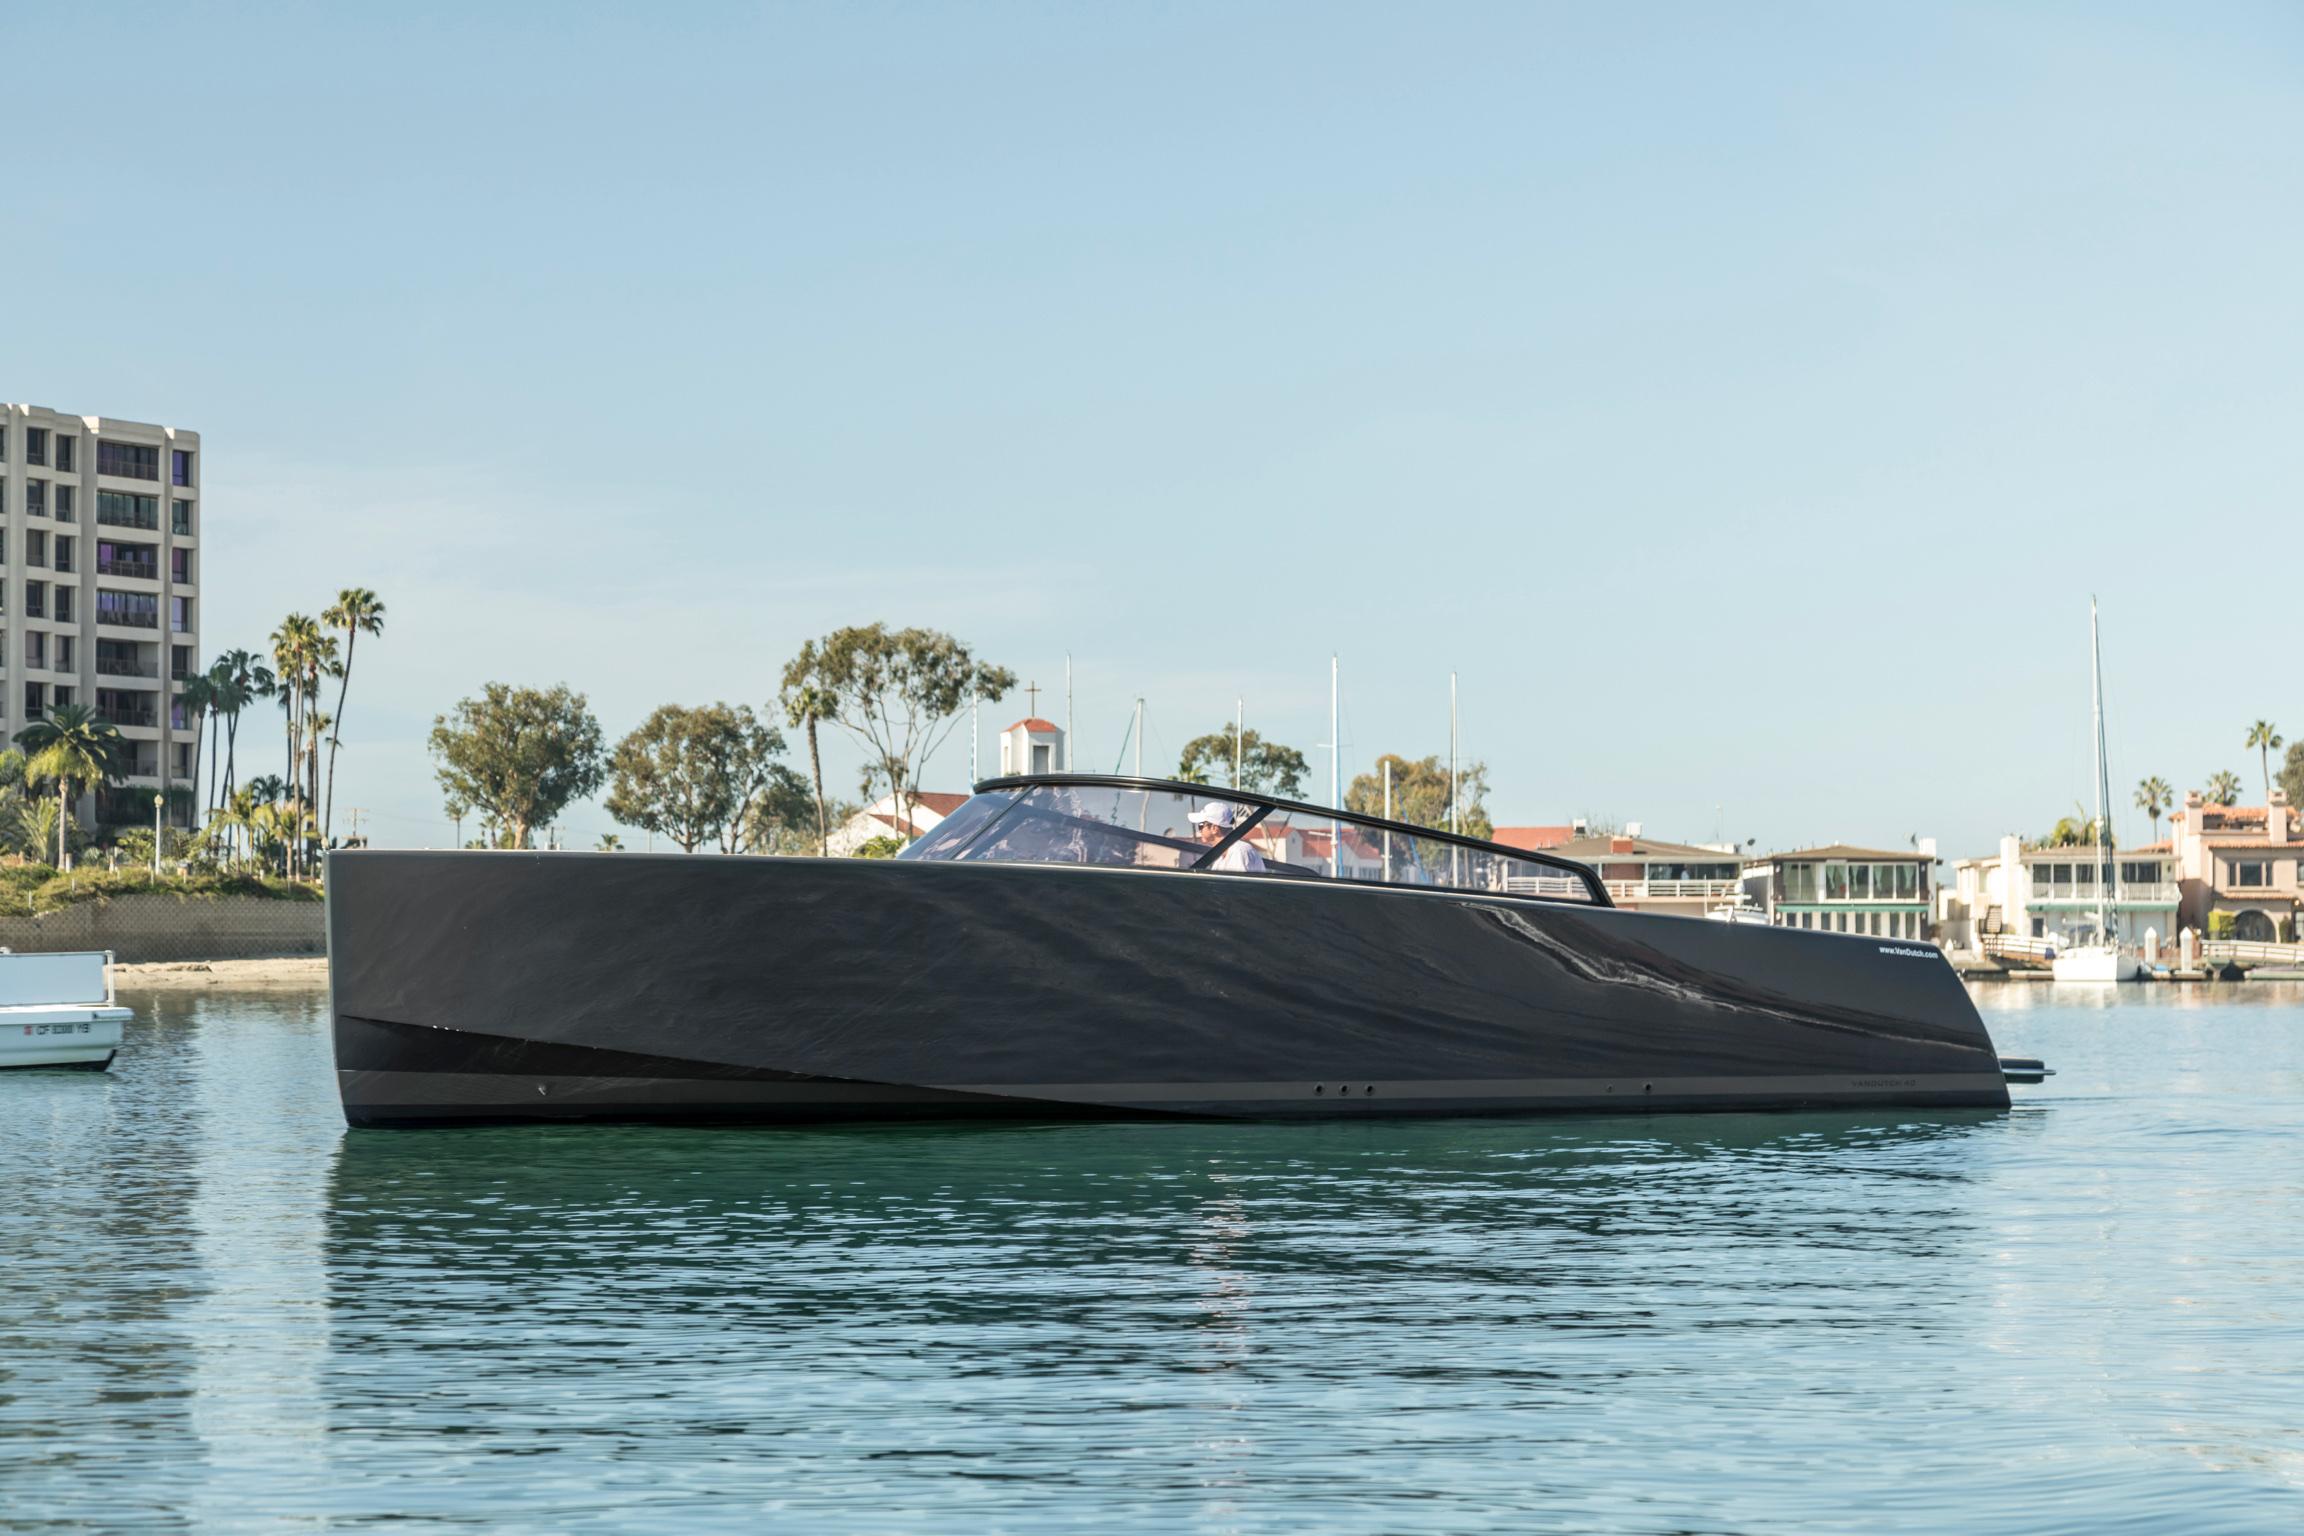 40' Van dutch - 20144 hrs $2,800 + Expenses8 hrs $5,600 + ExpensesWeek $33,600 + ExpensesMaximum Passengers: 12Location: Newport Beach